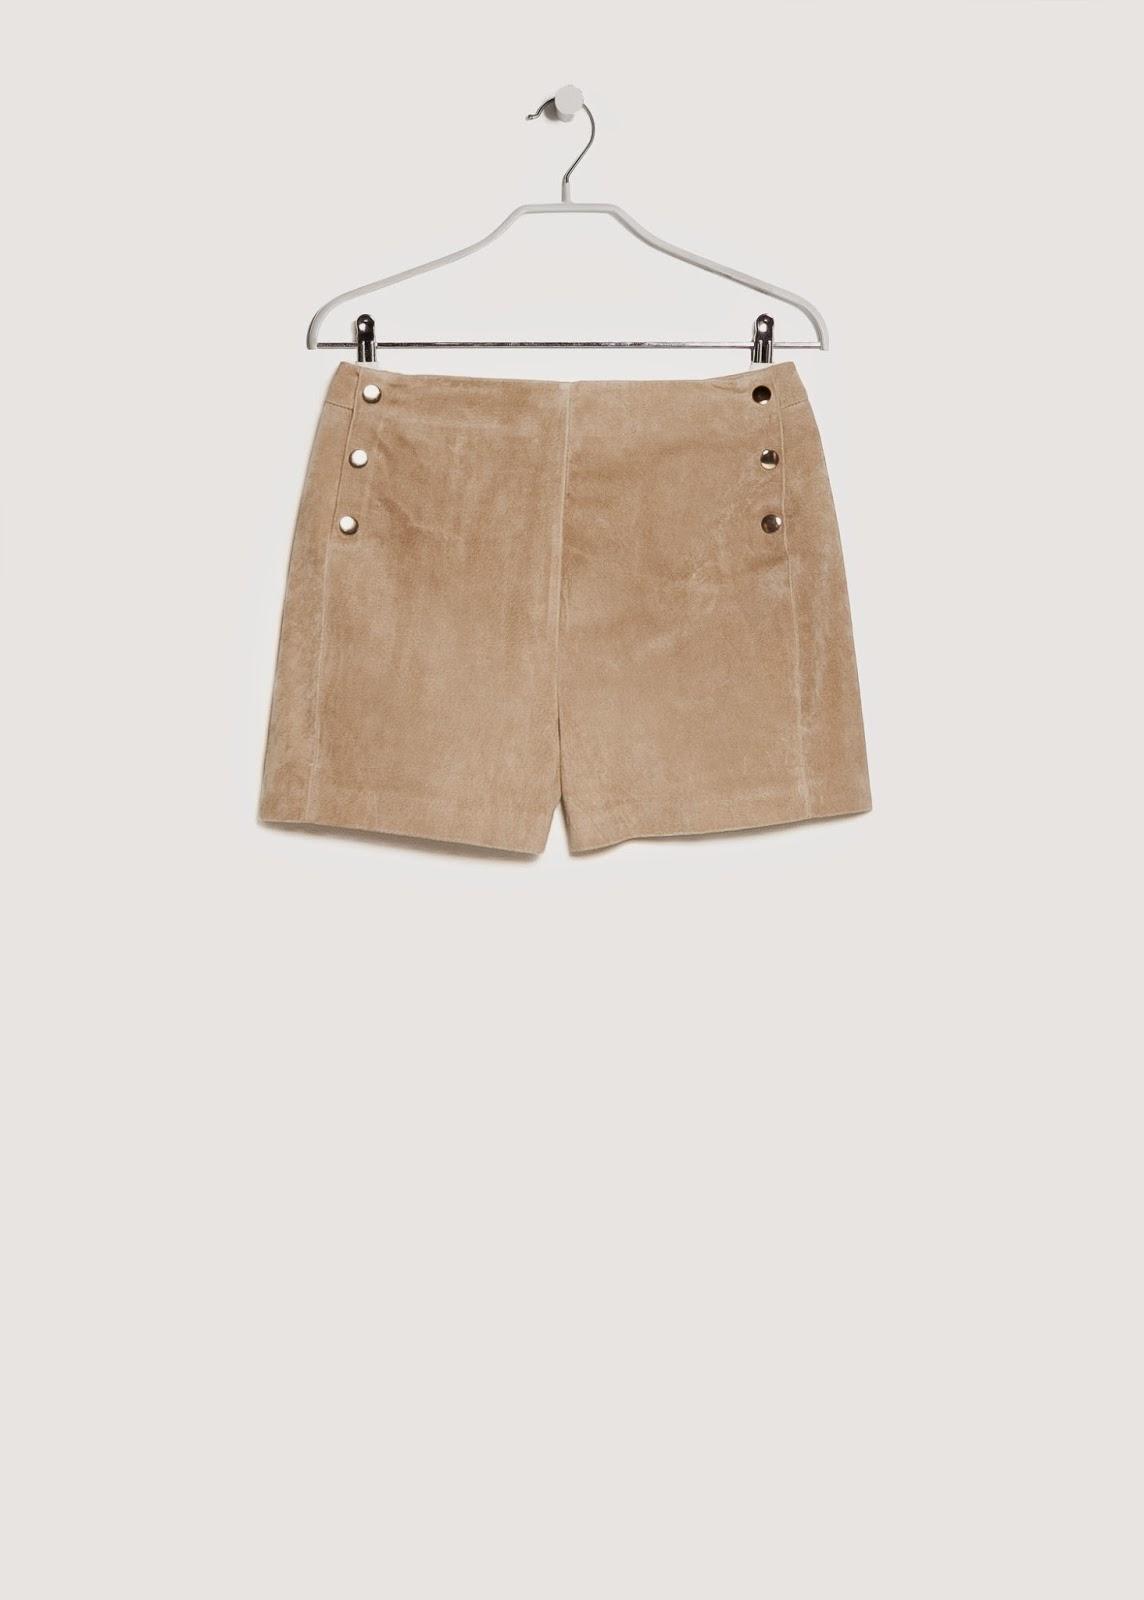 mango suede shorts, beige suede shorts,